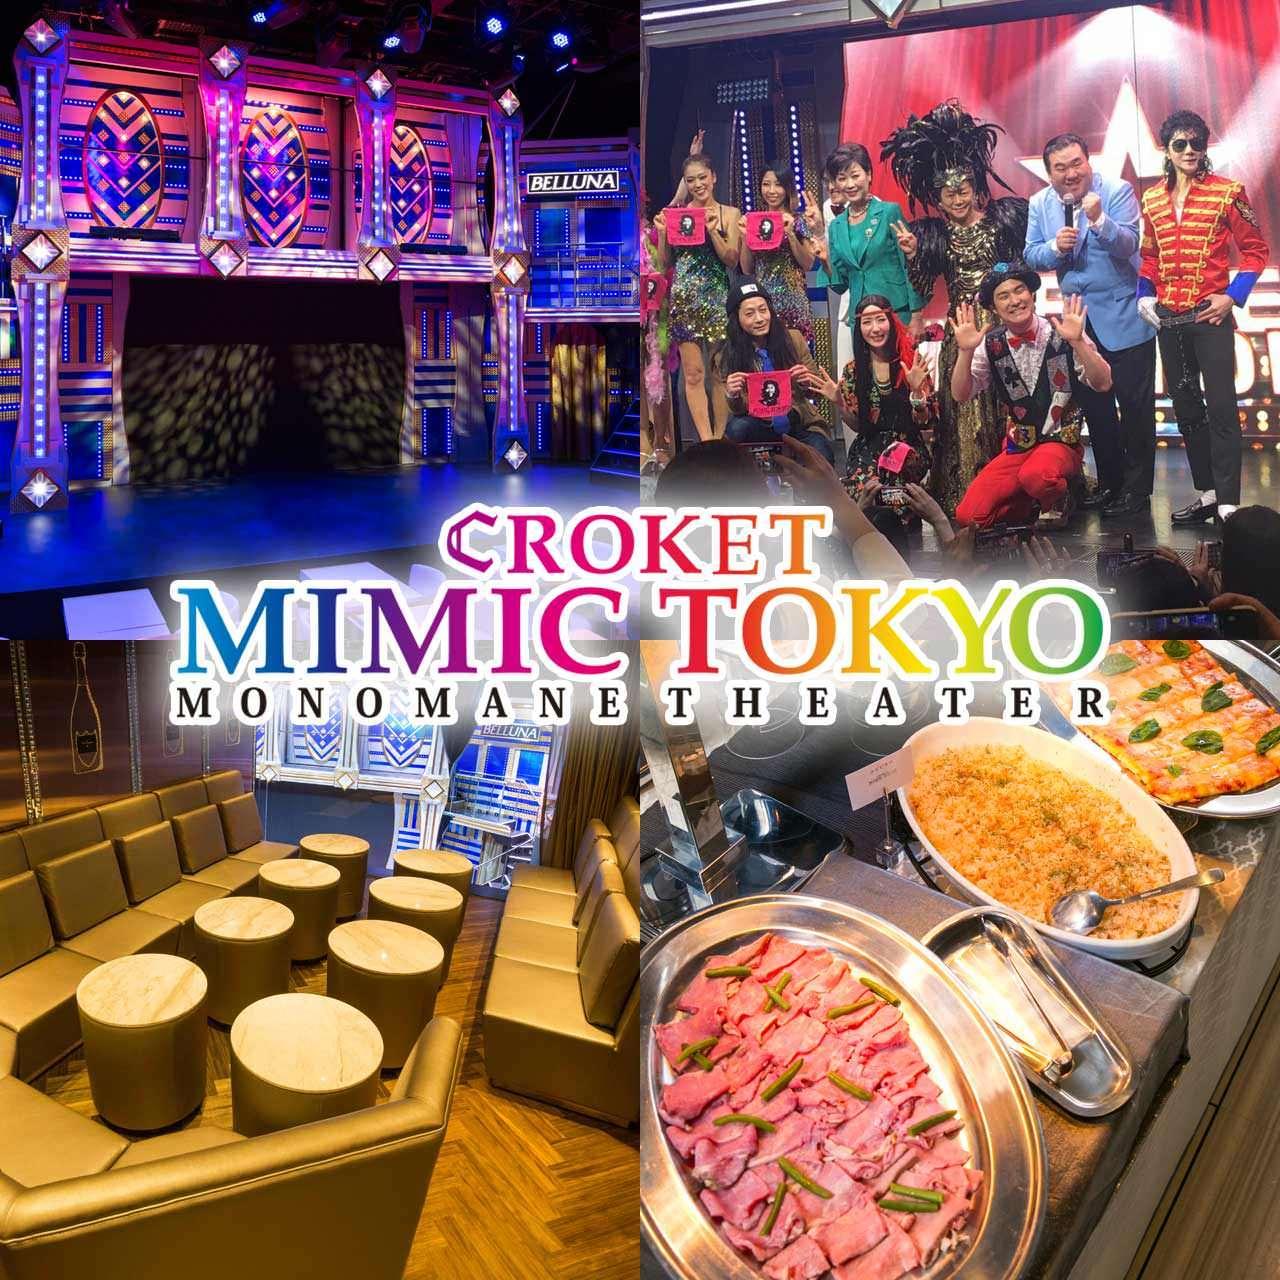 CROKET MIMIC TOKYOのイメージ写真